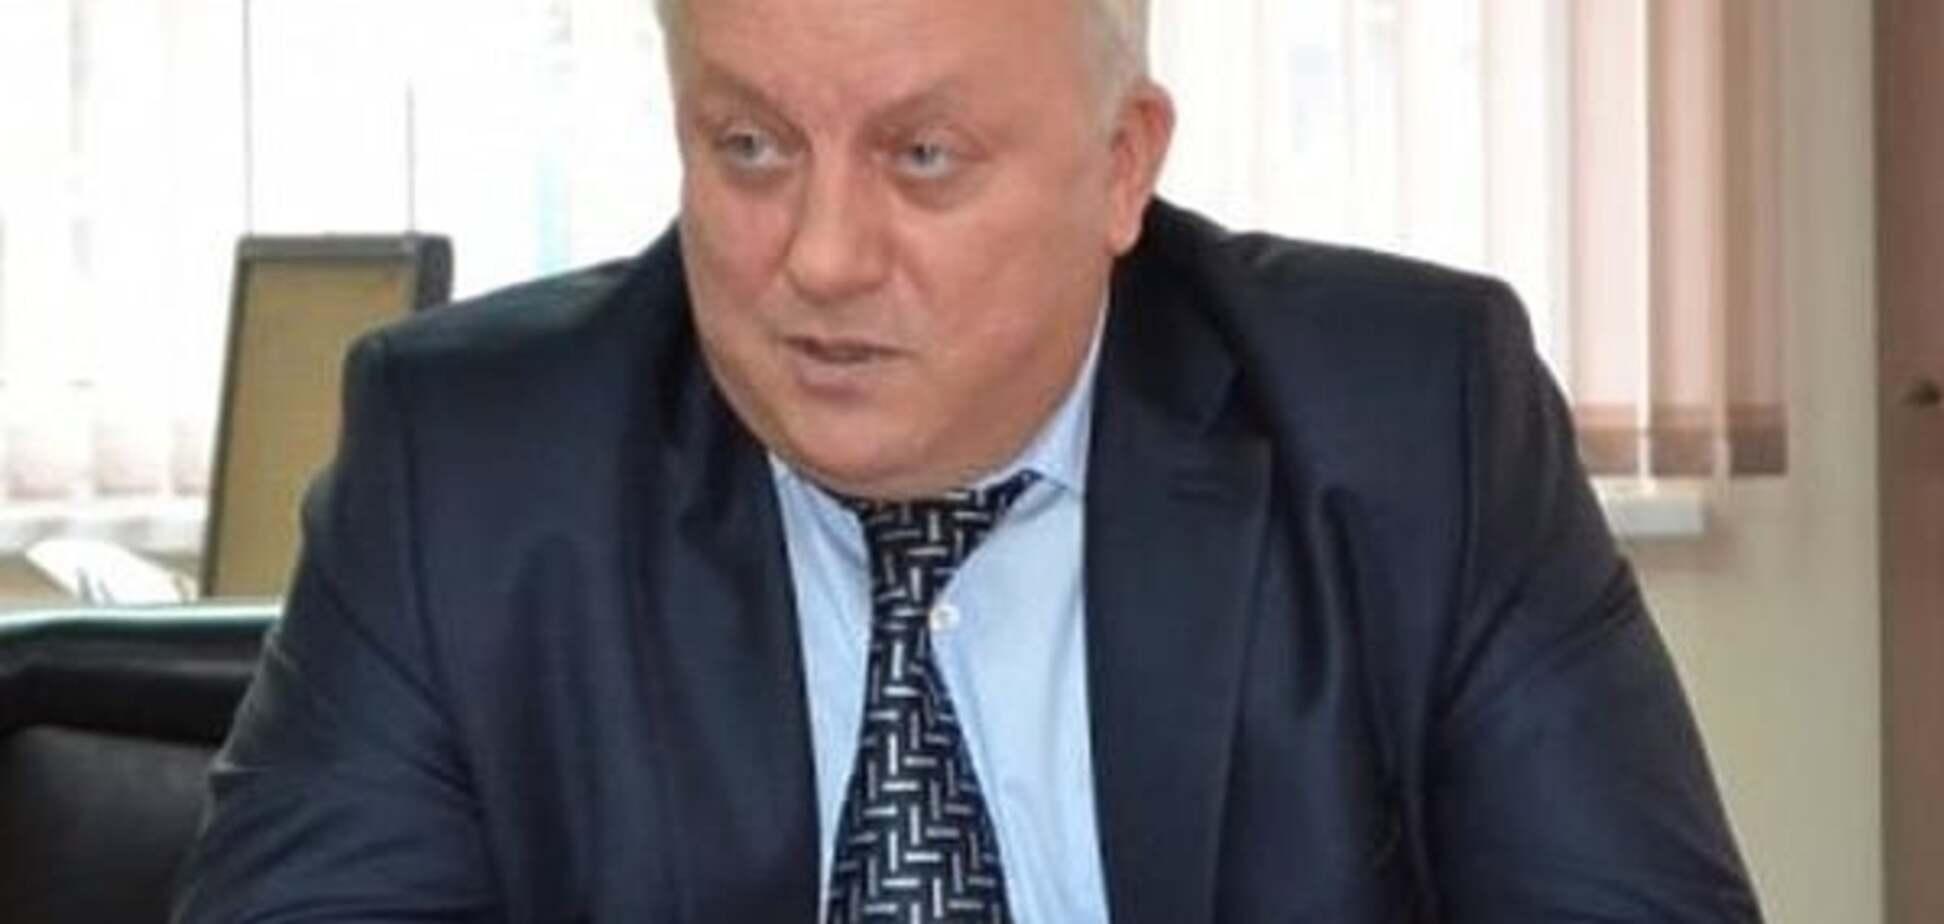 Рынок '7 километр' атаковали рейдеры - директор